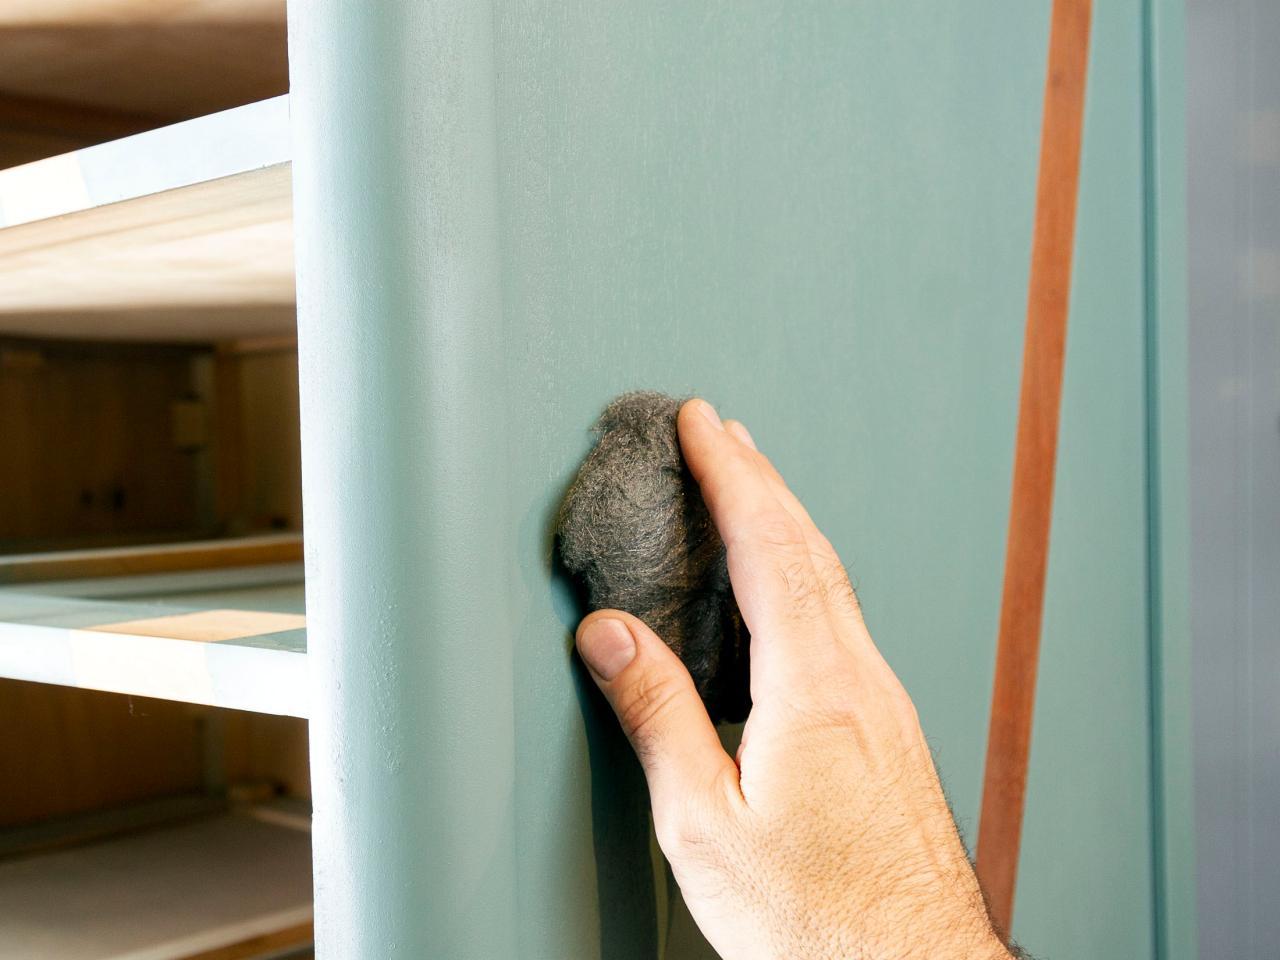 Как обновить комод своими руками - протираем поверхность комода